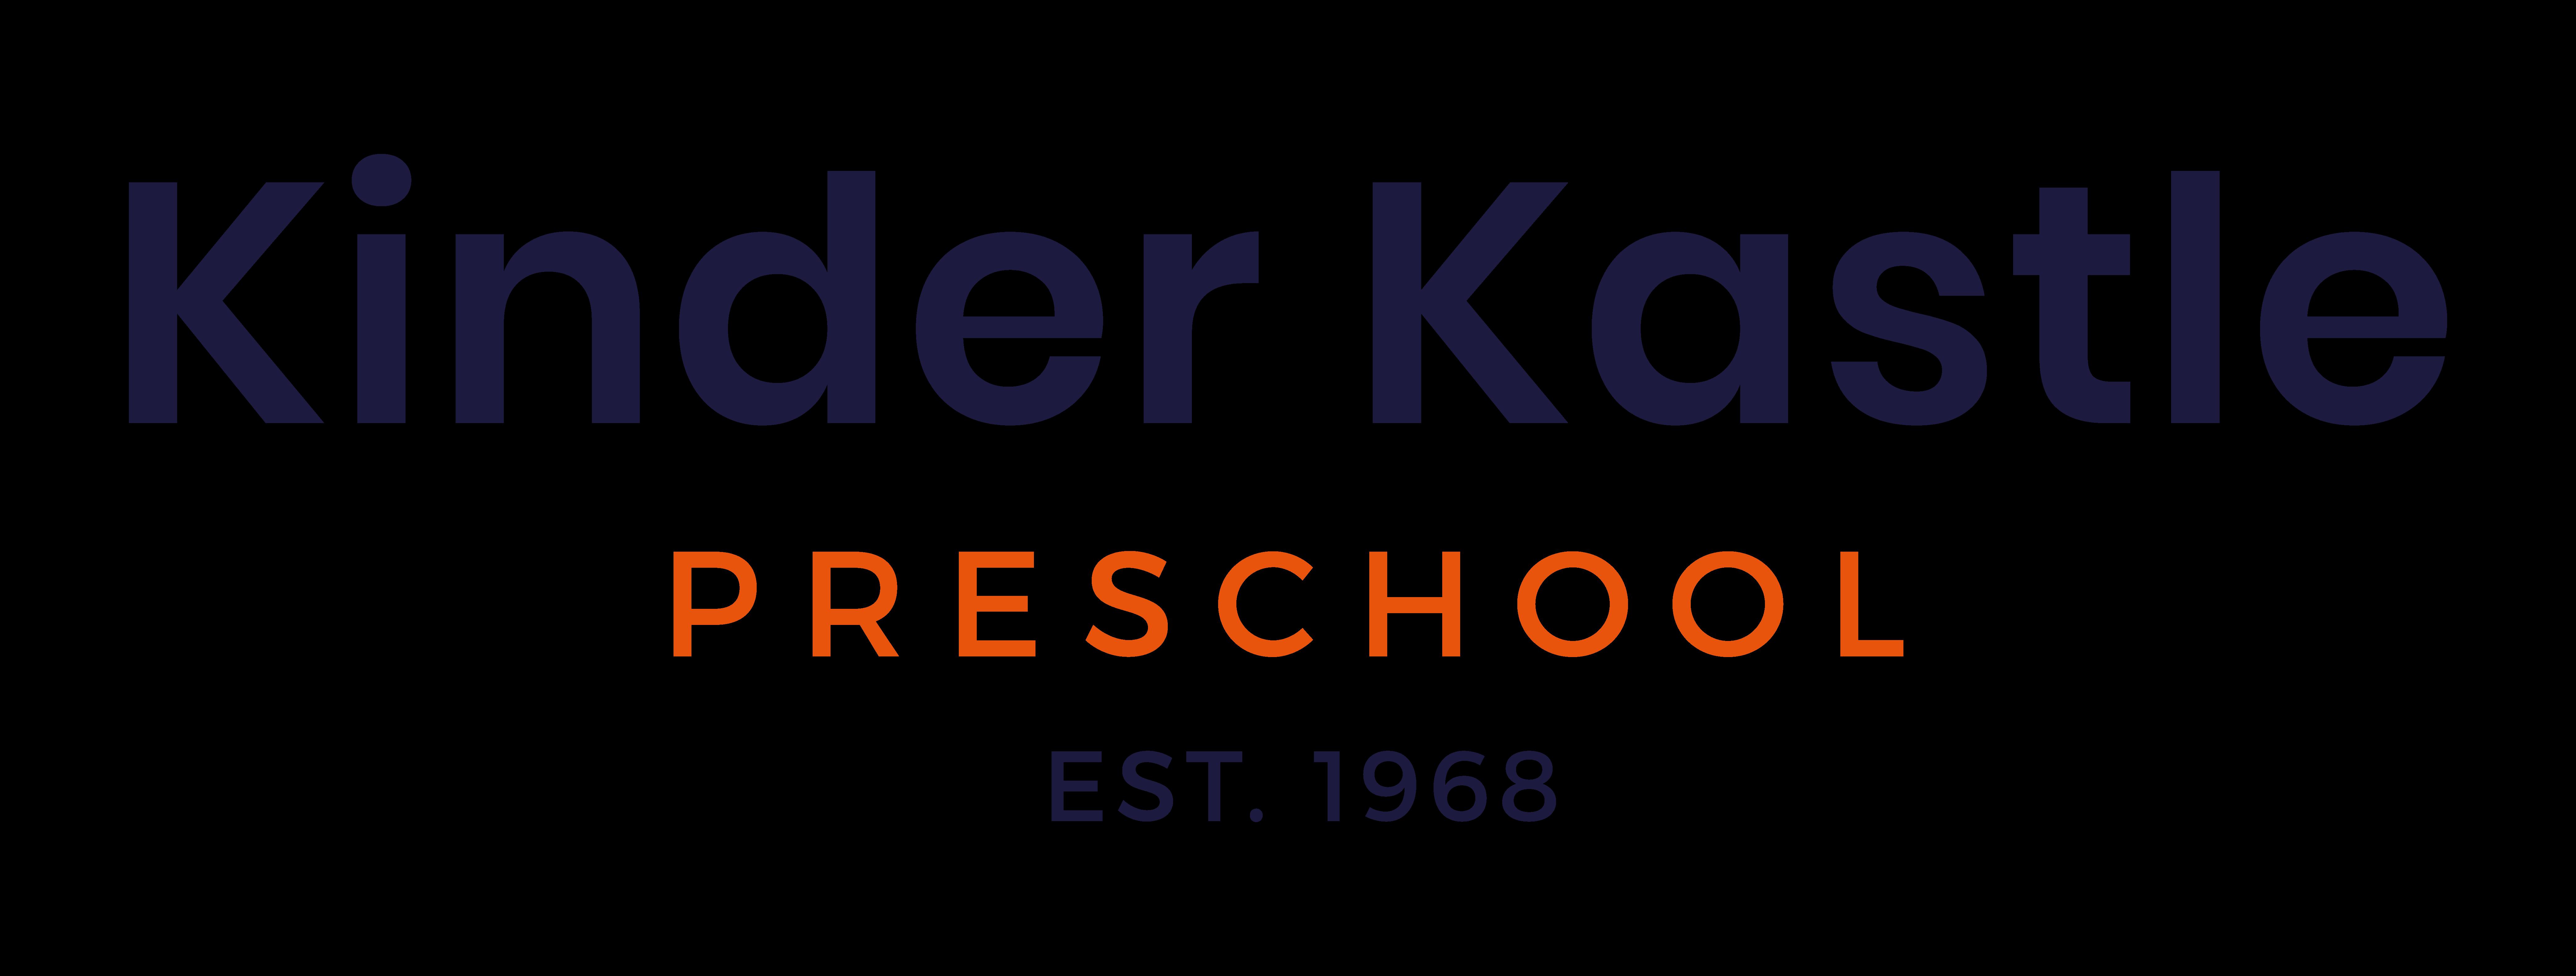 Kinder Kastle Preschool